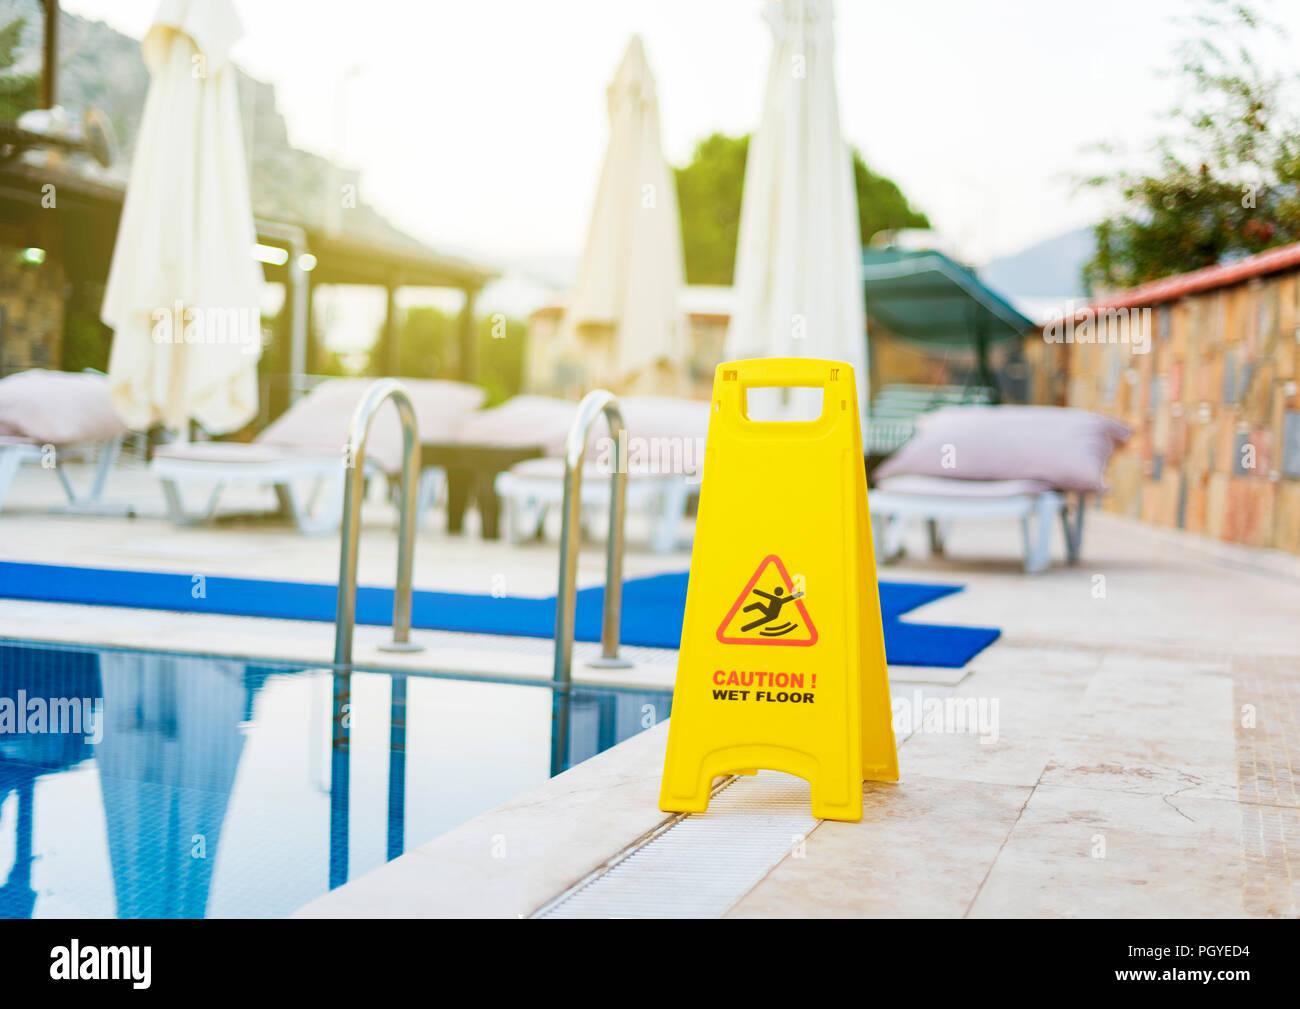 Slippery floor sign - Stock Image